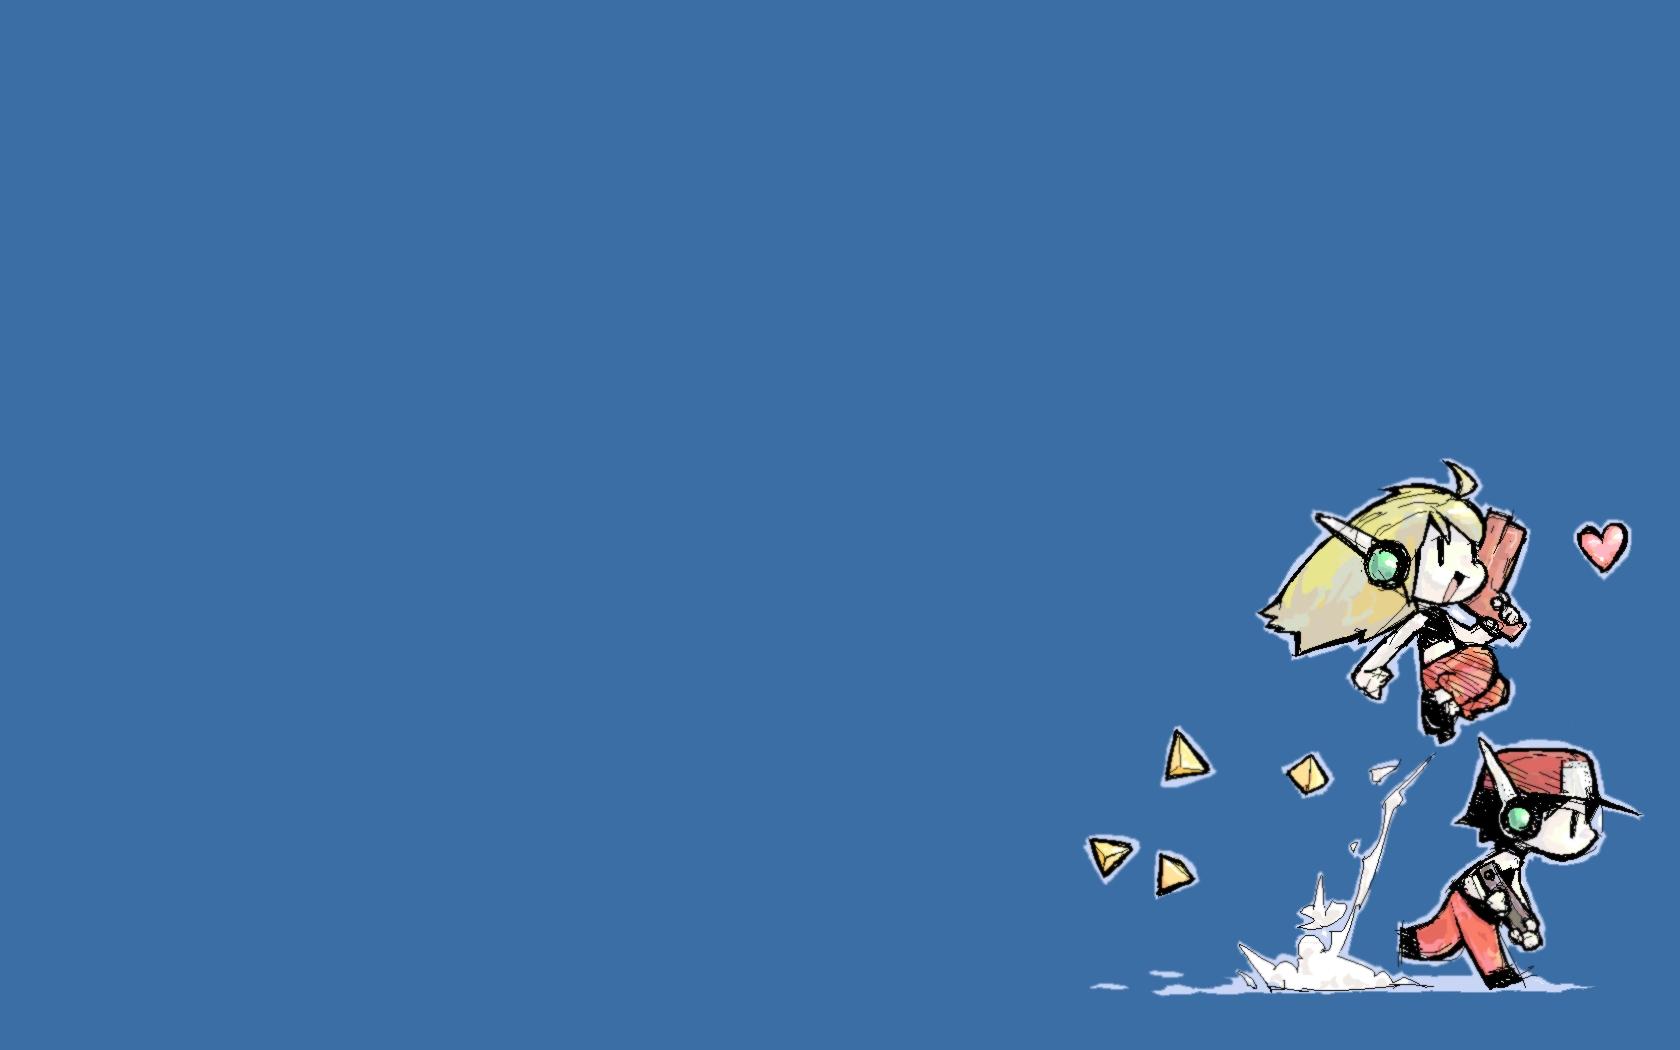 デスクトップ壁紙 図 ハート 漫画 ヘッドフォン 洞窟の物語